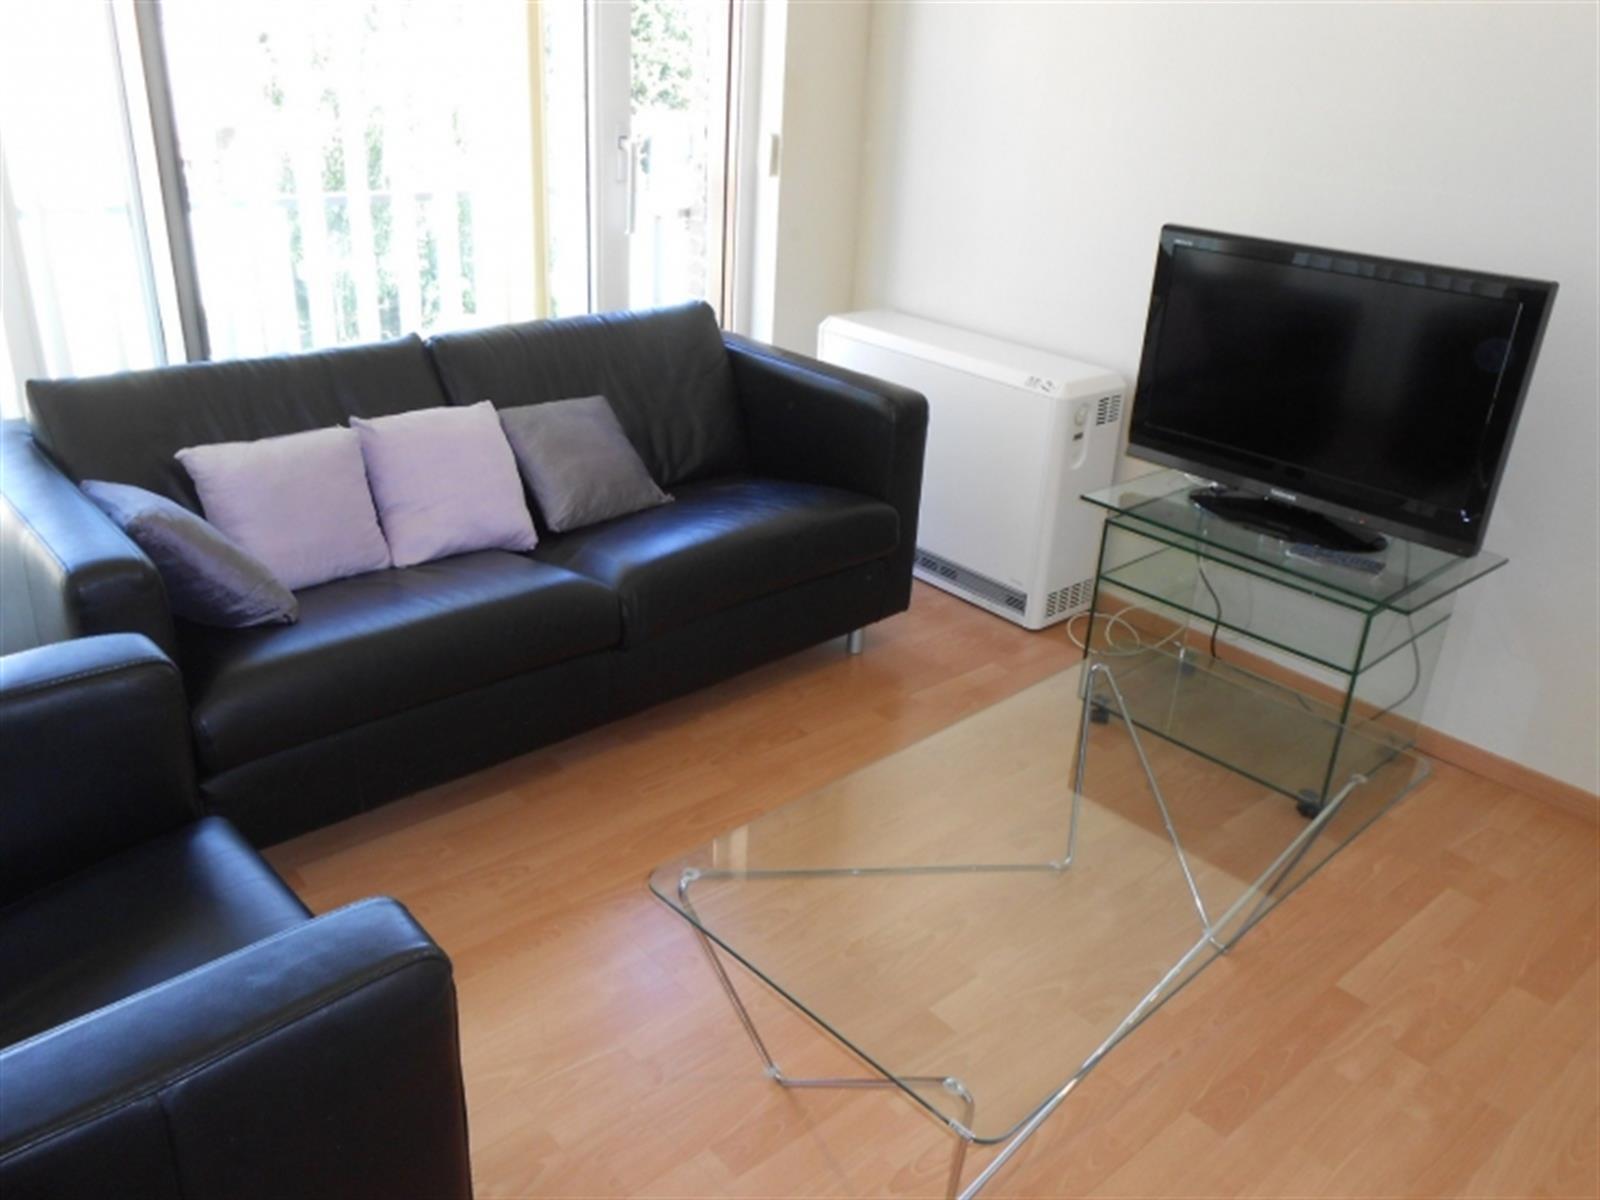 Appartement - Woluwe-Saint-Pierre - #4100706-5